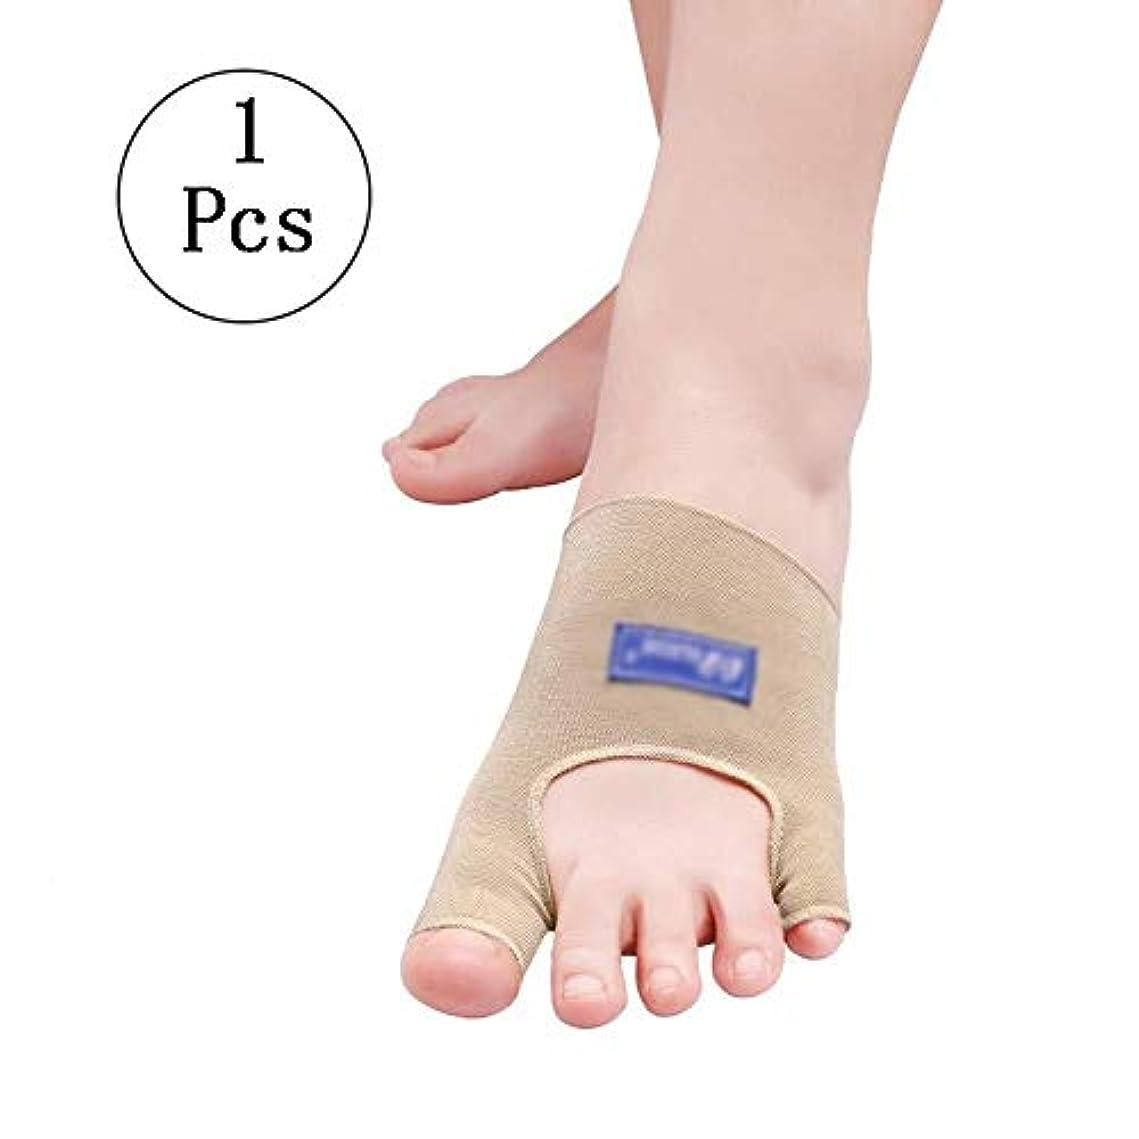 著名なノミネート流暢GRX-DDYつま先つま先外反スプレッダー大きな足骨装具包帯快適な通気性の高い弾力性は、つま先の痛みの痛みを和らげます,RightFoot